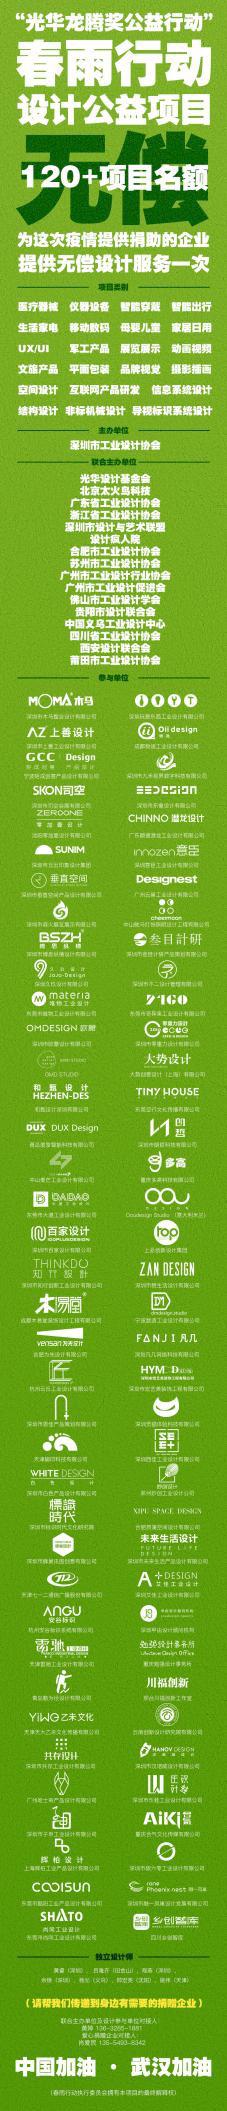 寻找疫情期间的爱心企业!深圳市工业设计协会联合设计界力量为爱心企业提供免费设计服务